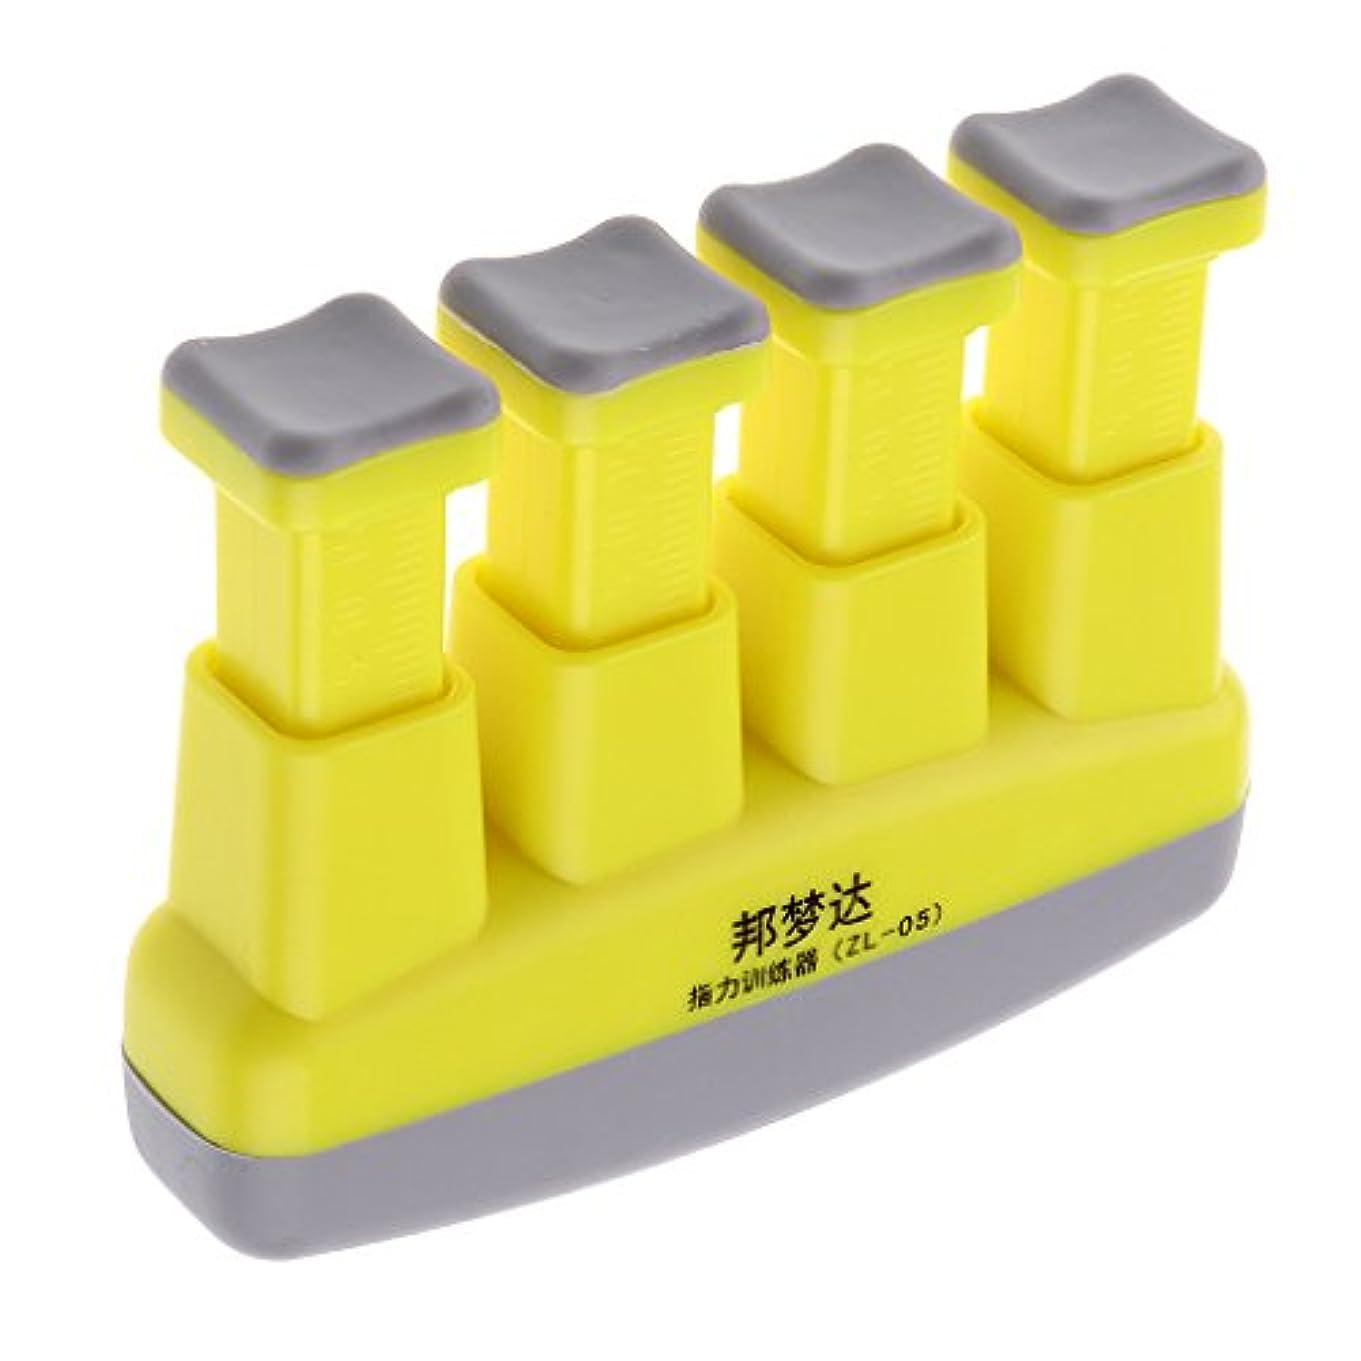 ルビー故障中財政ハンドグリップ エクササイザ 4-6ポンド 調節可 ハンド 手首 腕 グリップ グリッパー 黄色 ABS +シリコン